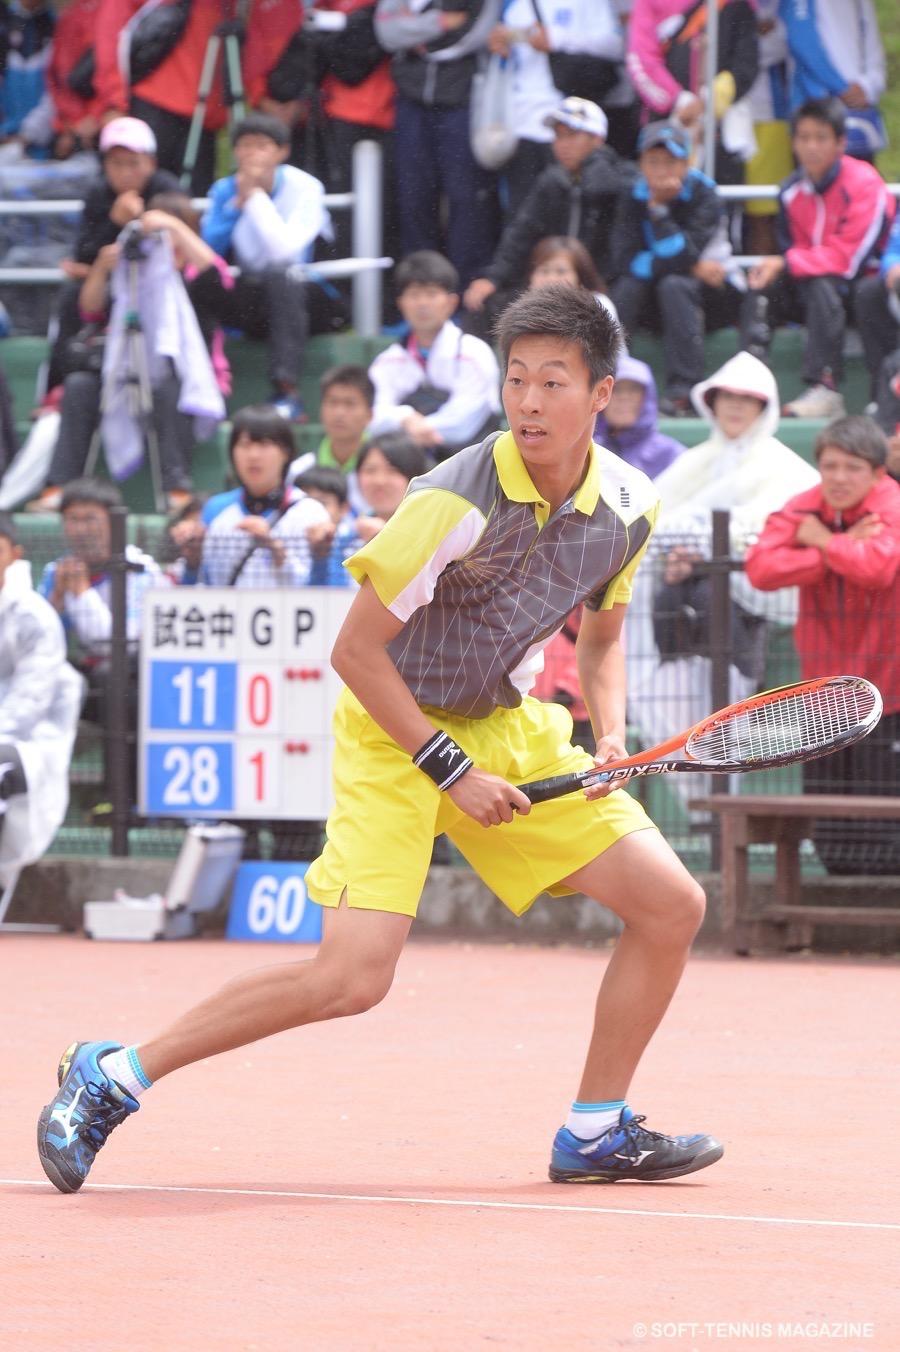 今年もやっぱり上松は強かった! 11月には千葉のアジア選手権に日本代表として出場する超高校級前衛